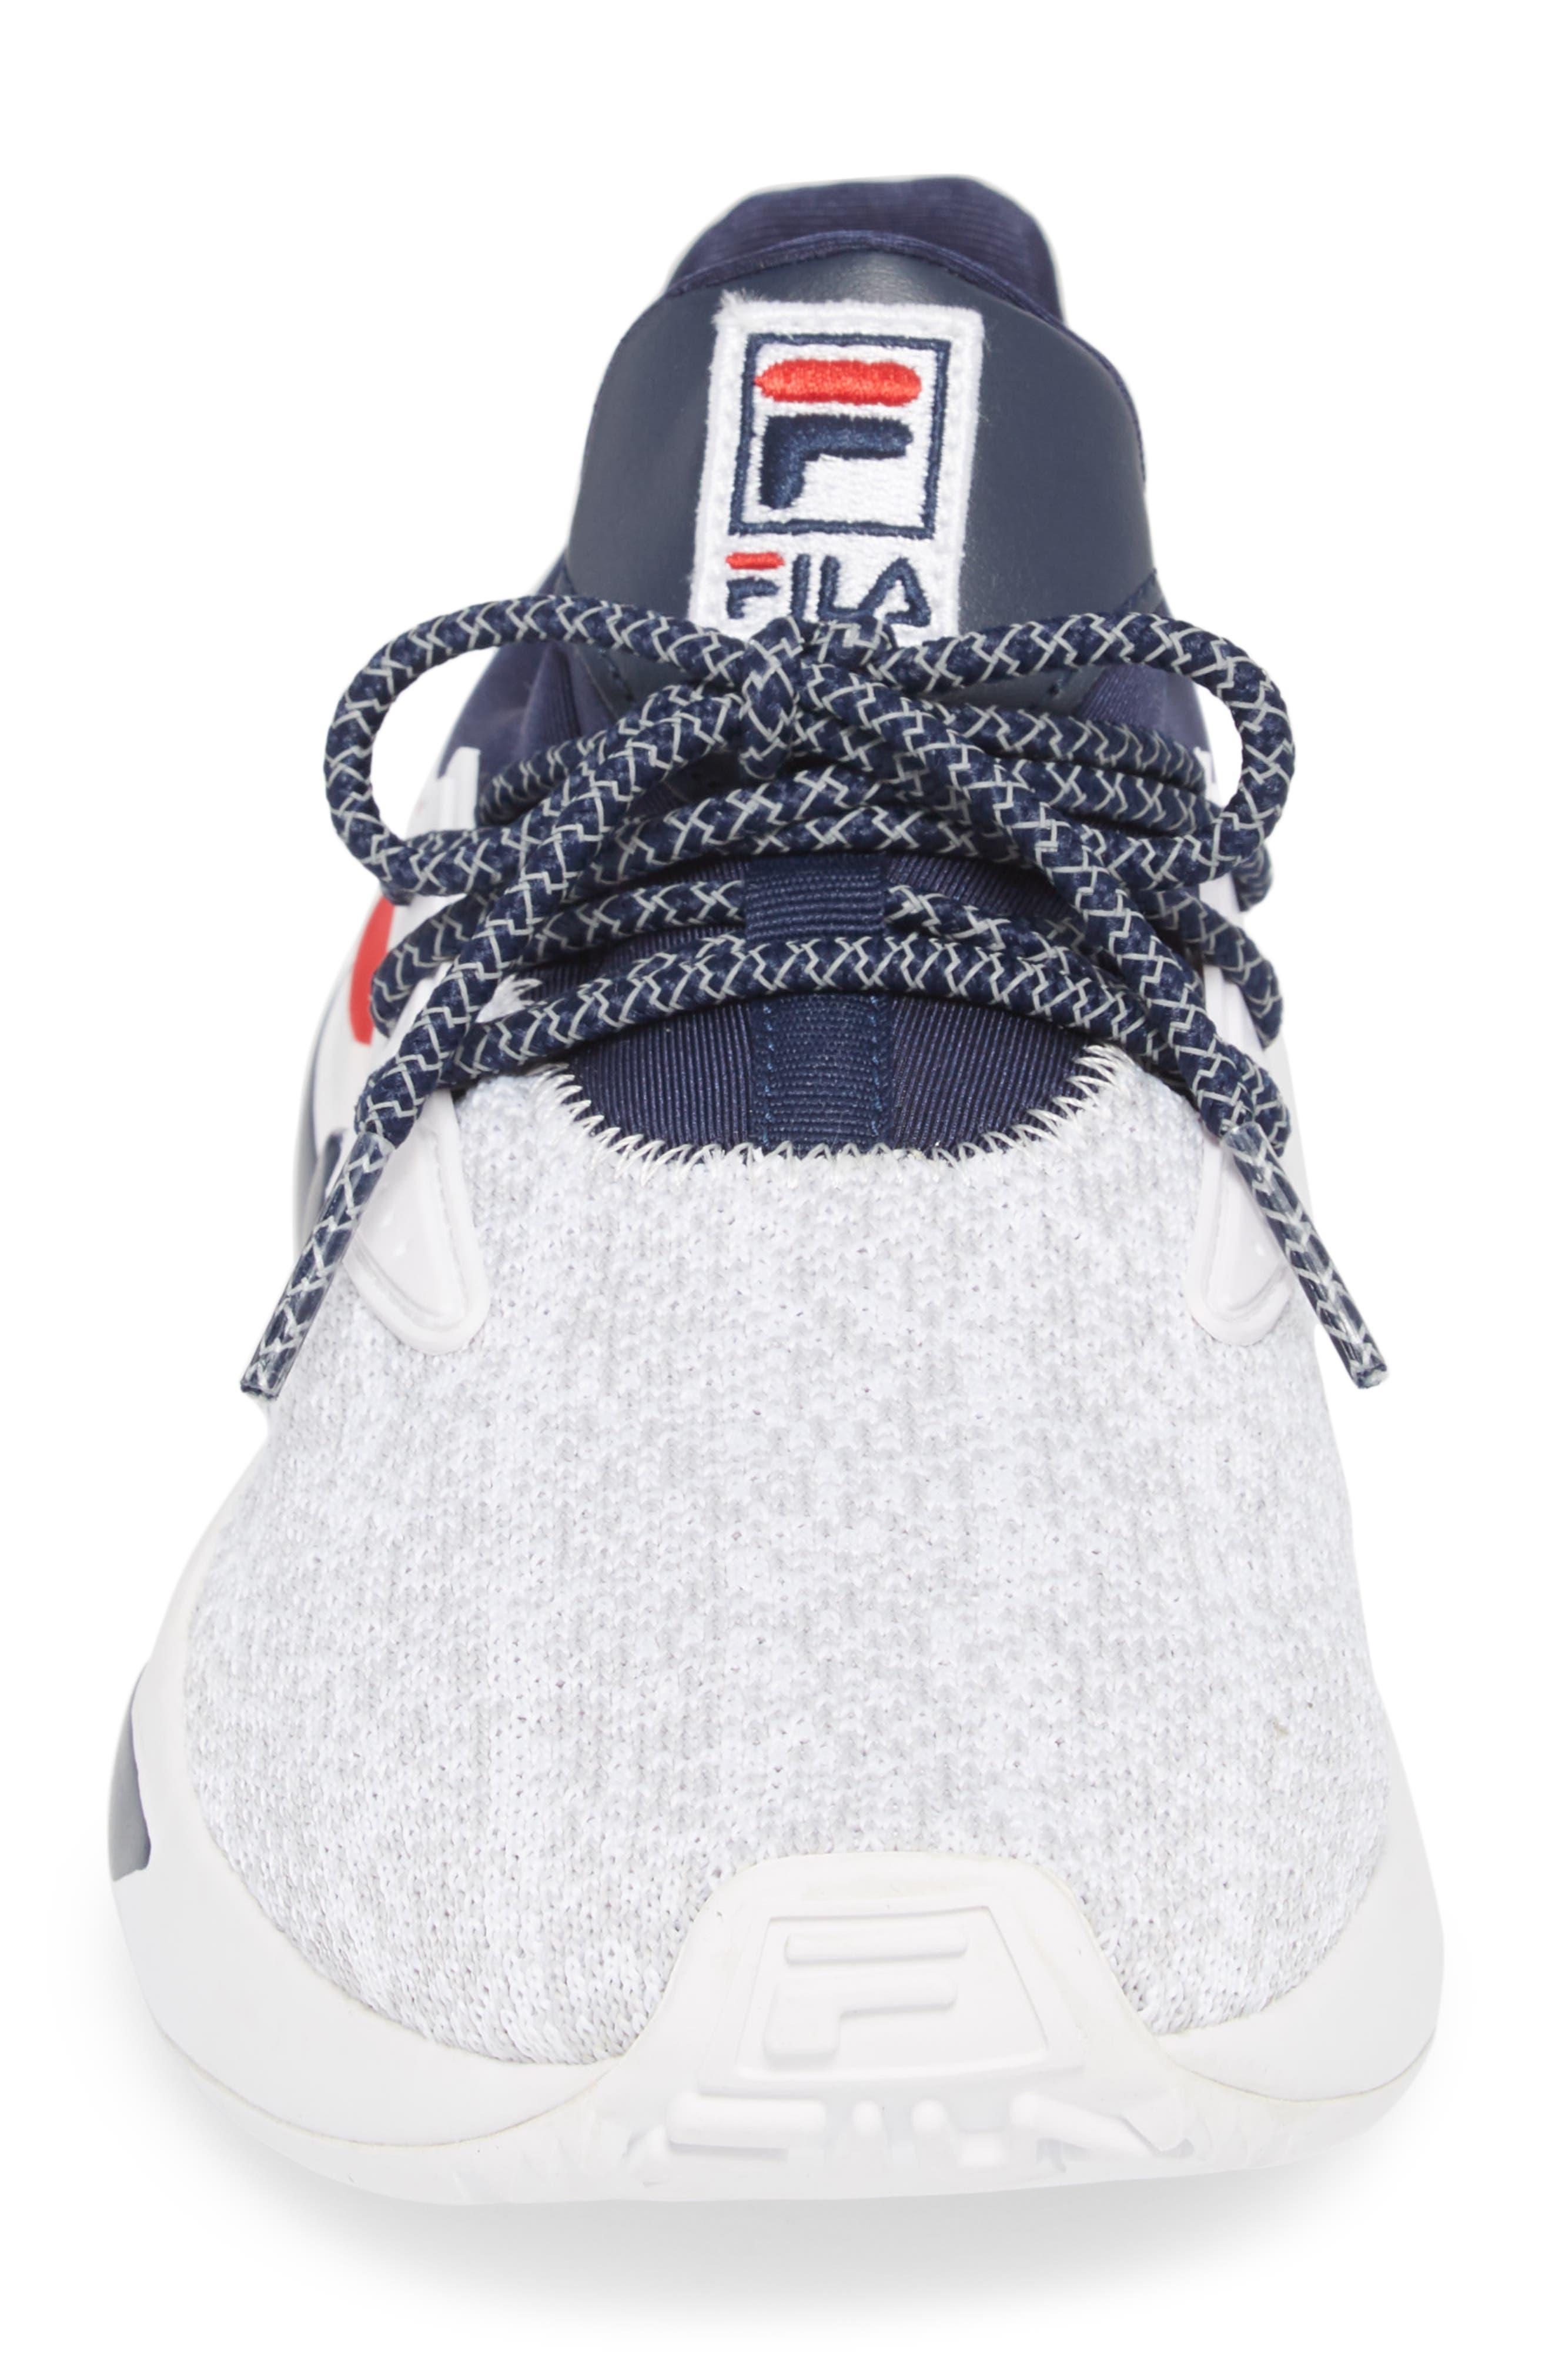 Mindbreaker 2.0 Sneaker,                             Alternate thumbnail 4, color,                             White/ Navy/ Red